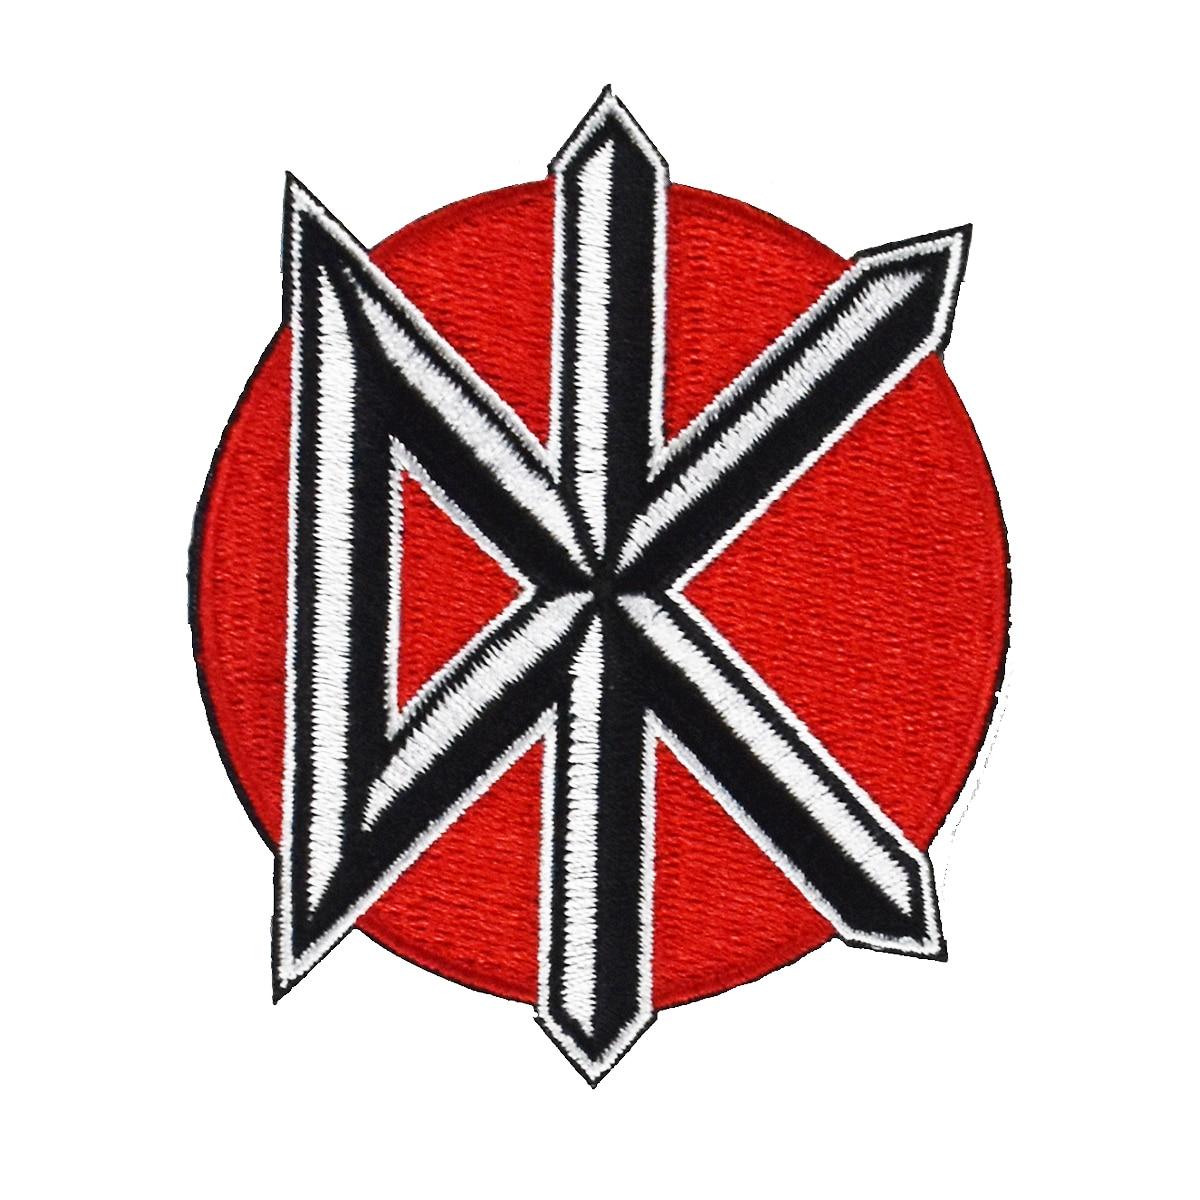 Ölü Kennedys DK müzik yama kaya bant punk LOGO işlemeli yeni demir ve yama üzerinde dikmek ağır Metal giyim aksesuarları